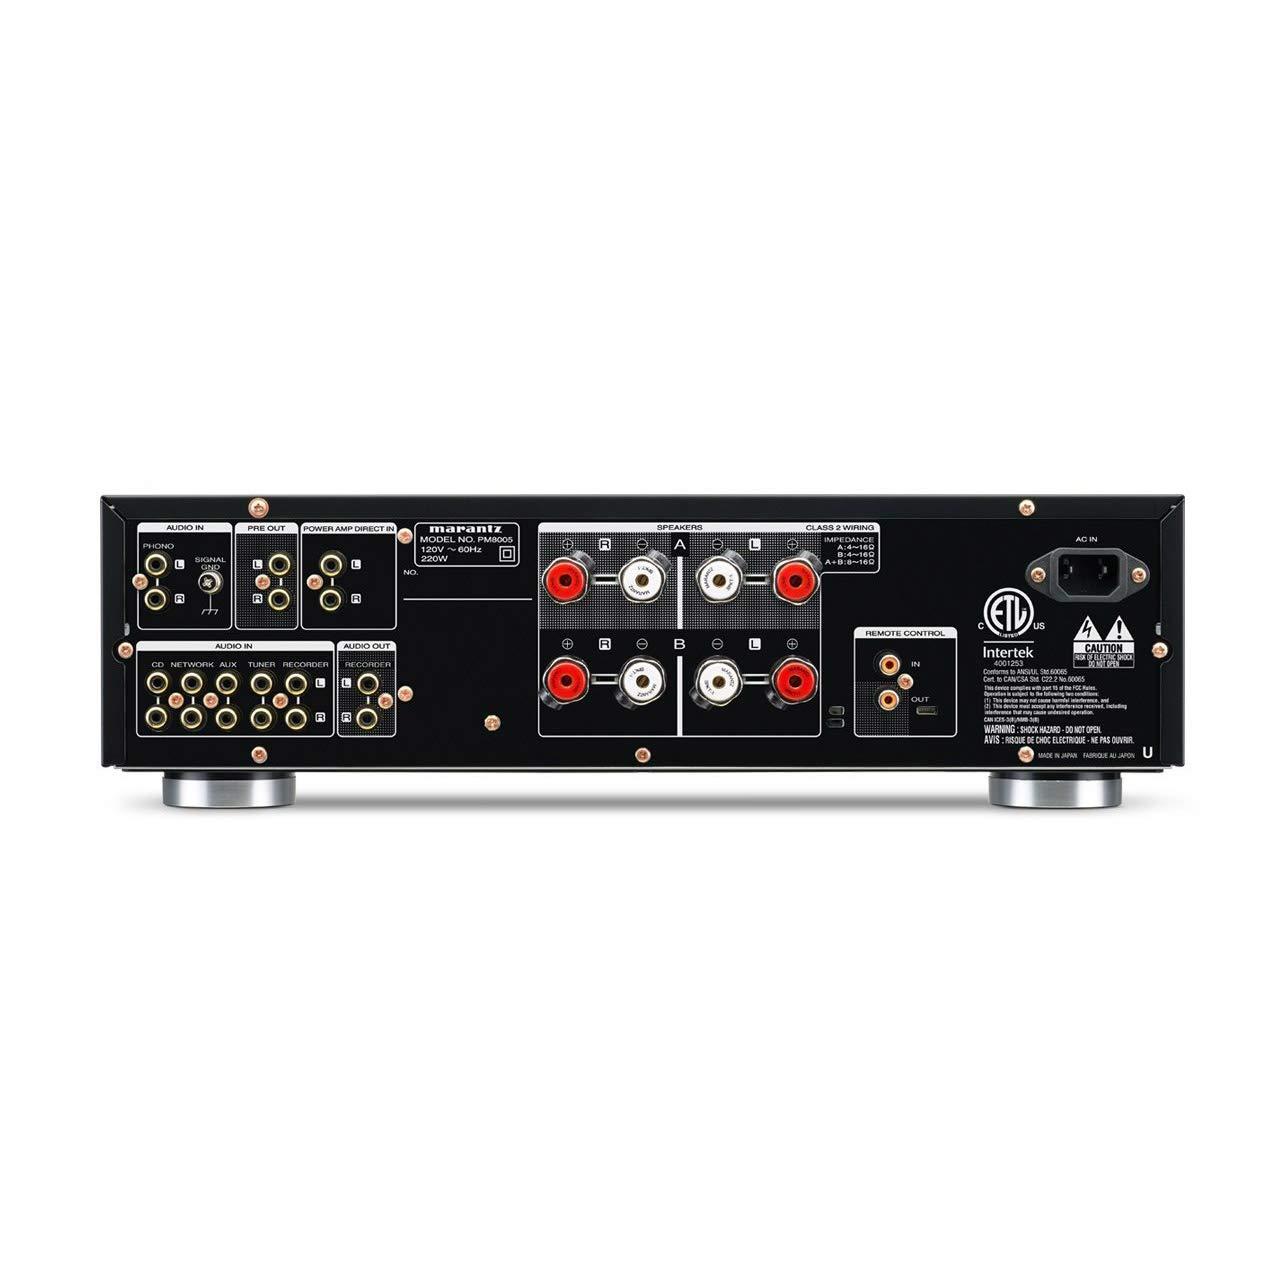 Marantz PM8005/N1B - Amplificador de audio (100 W, 0,02%, 125 dB, 120 V, 60 Hz, 220 W) negro: Amazon.es: Electrónica